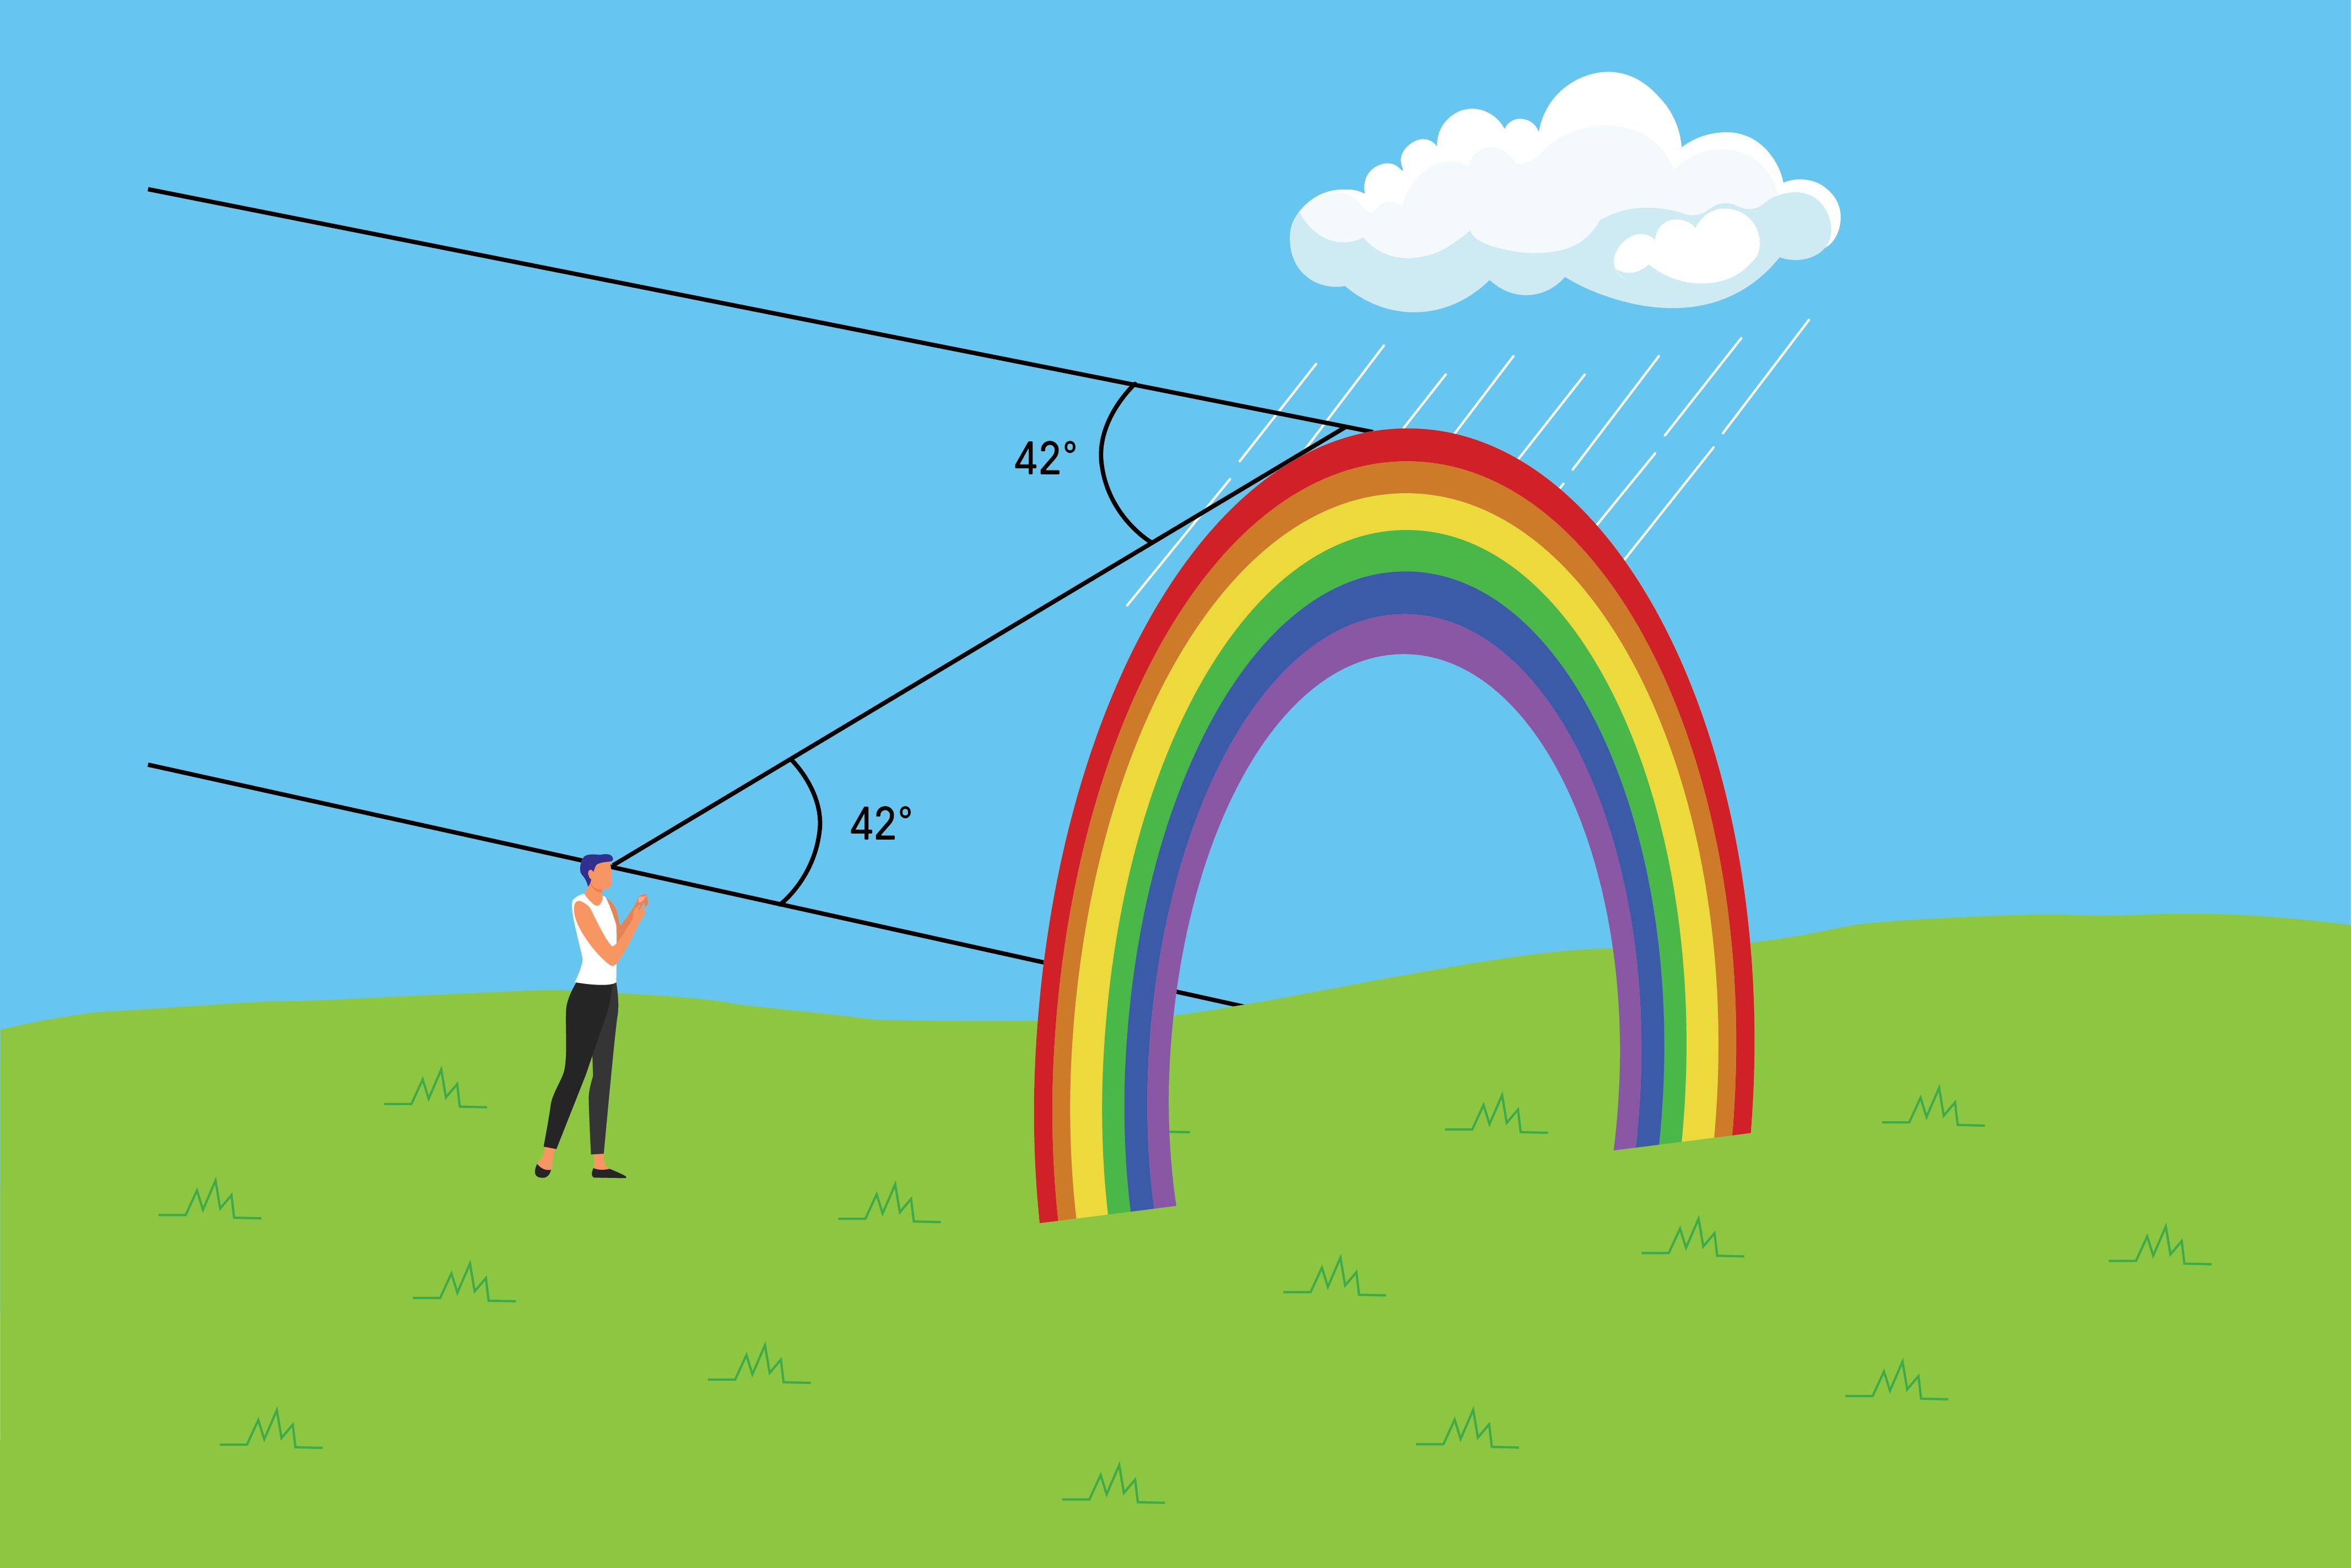 Ilustração mostrando como o arco-íris tem formato de arco.